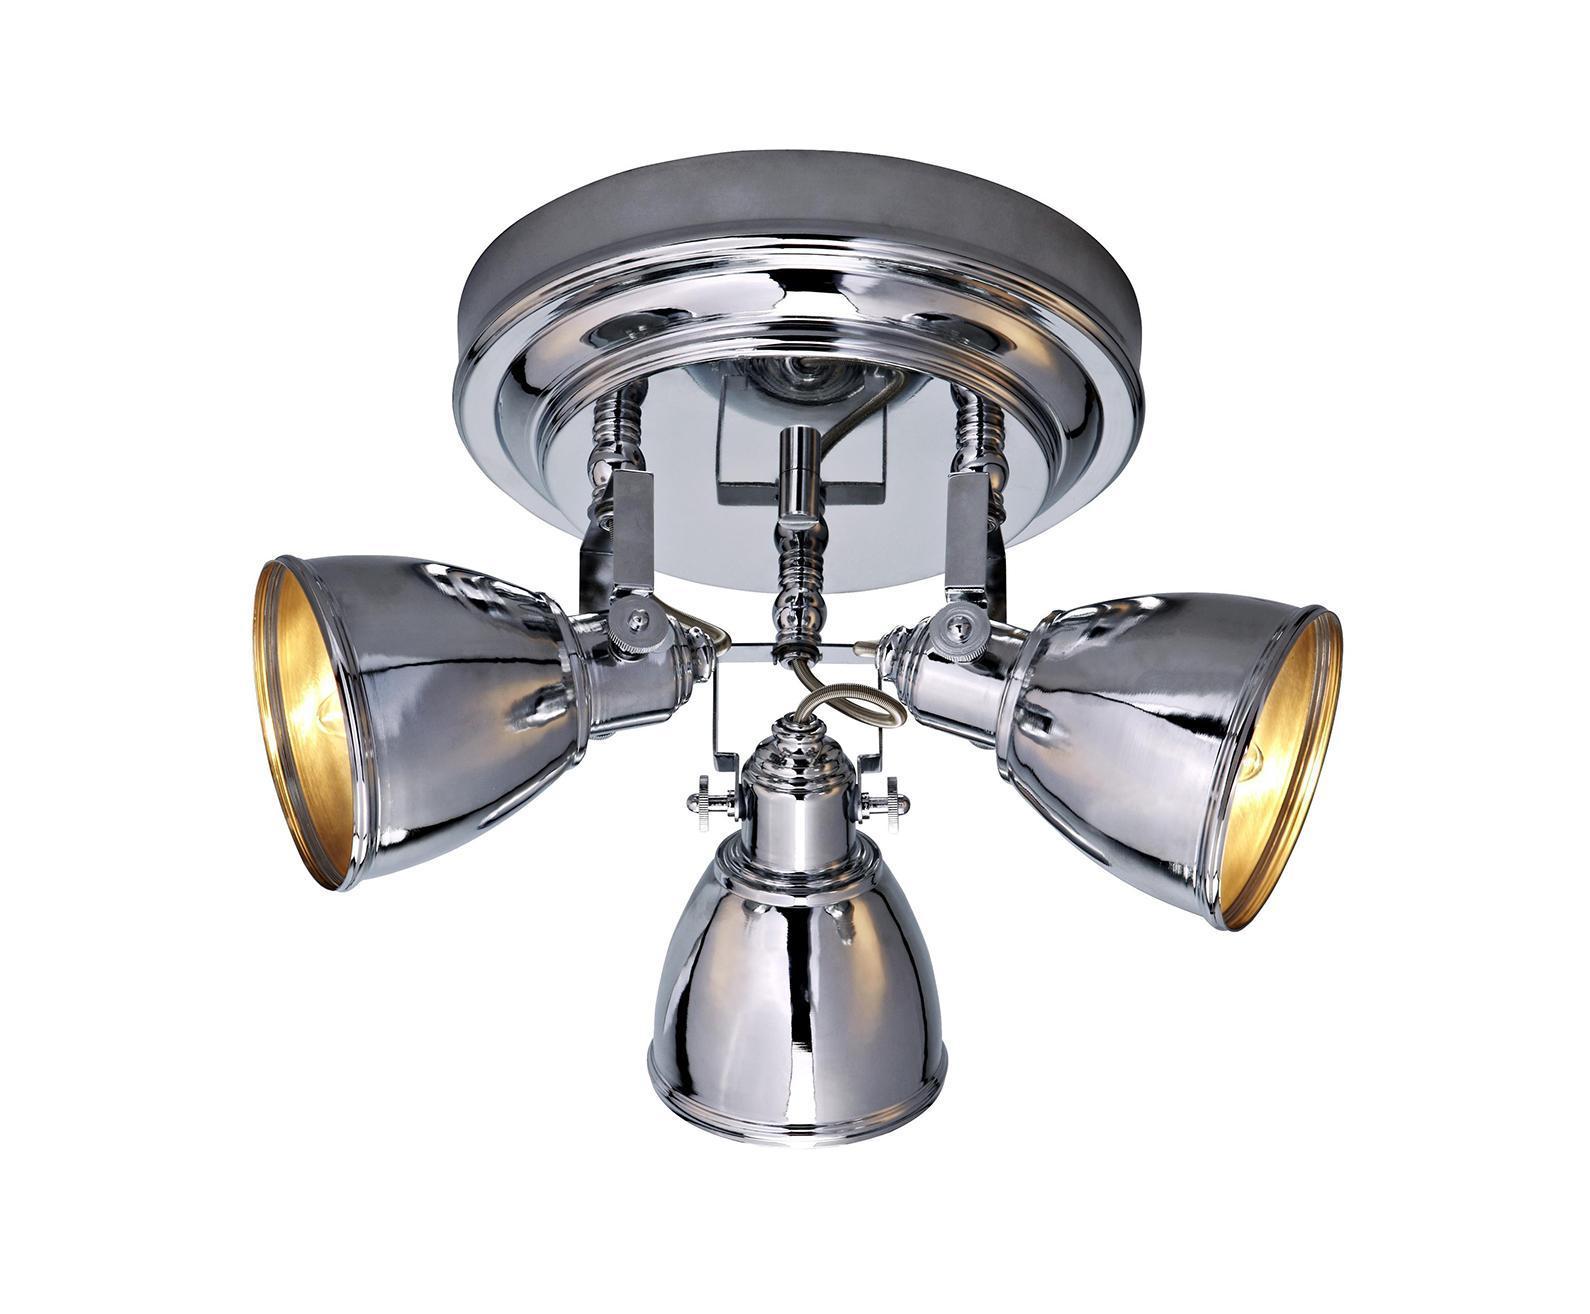 Потолочный светильник 104051, FJALLBACKA104051104051 Потолочный светильник, FJALLBACKA, хром, E14 3*40WW